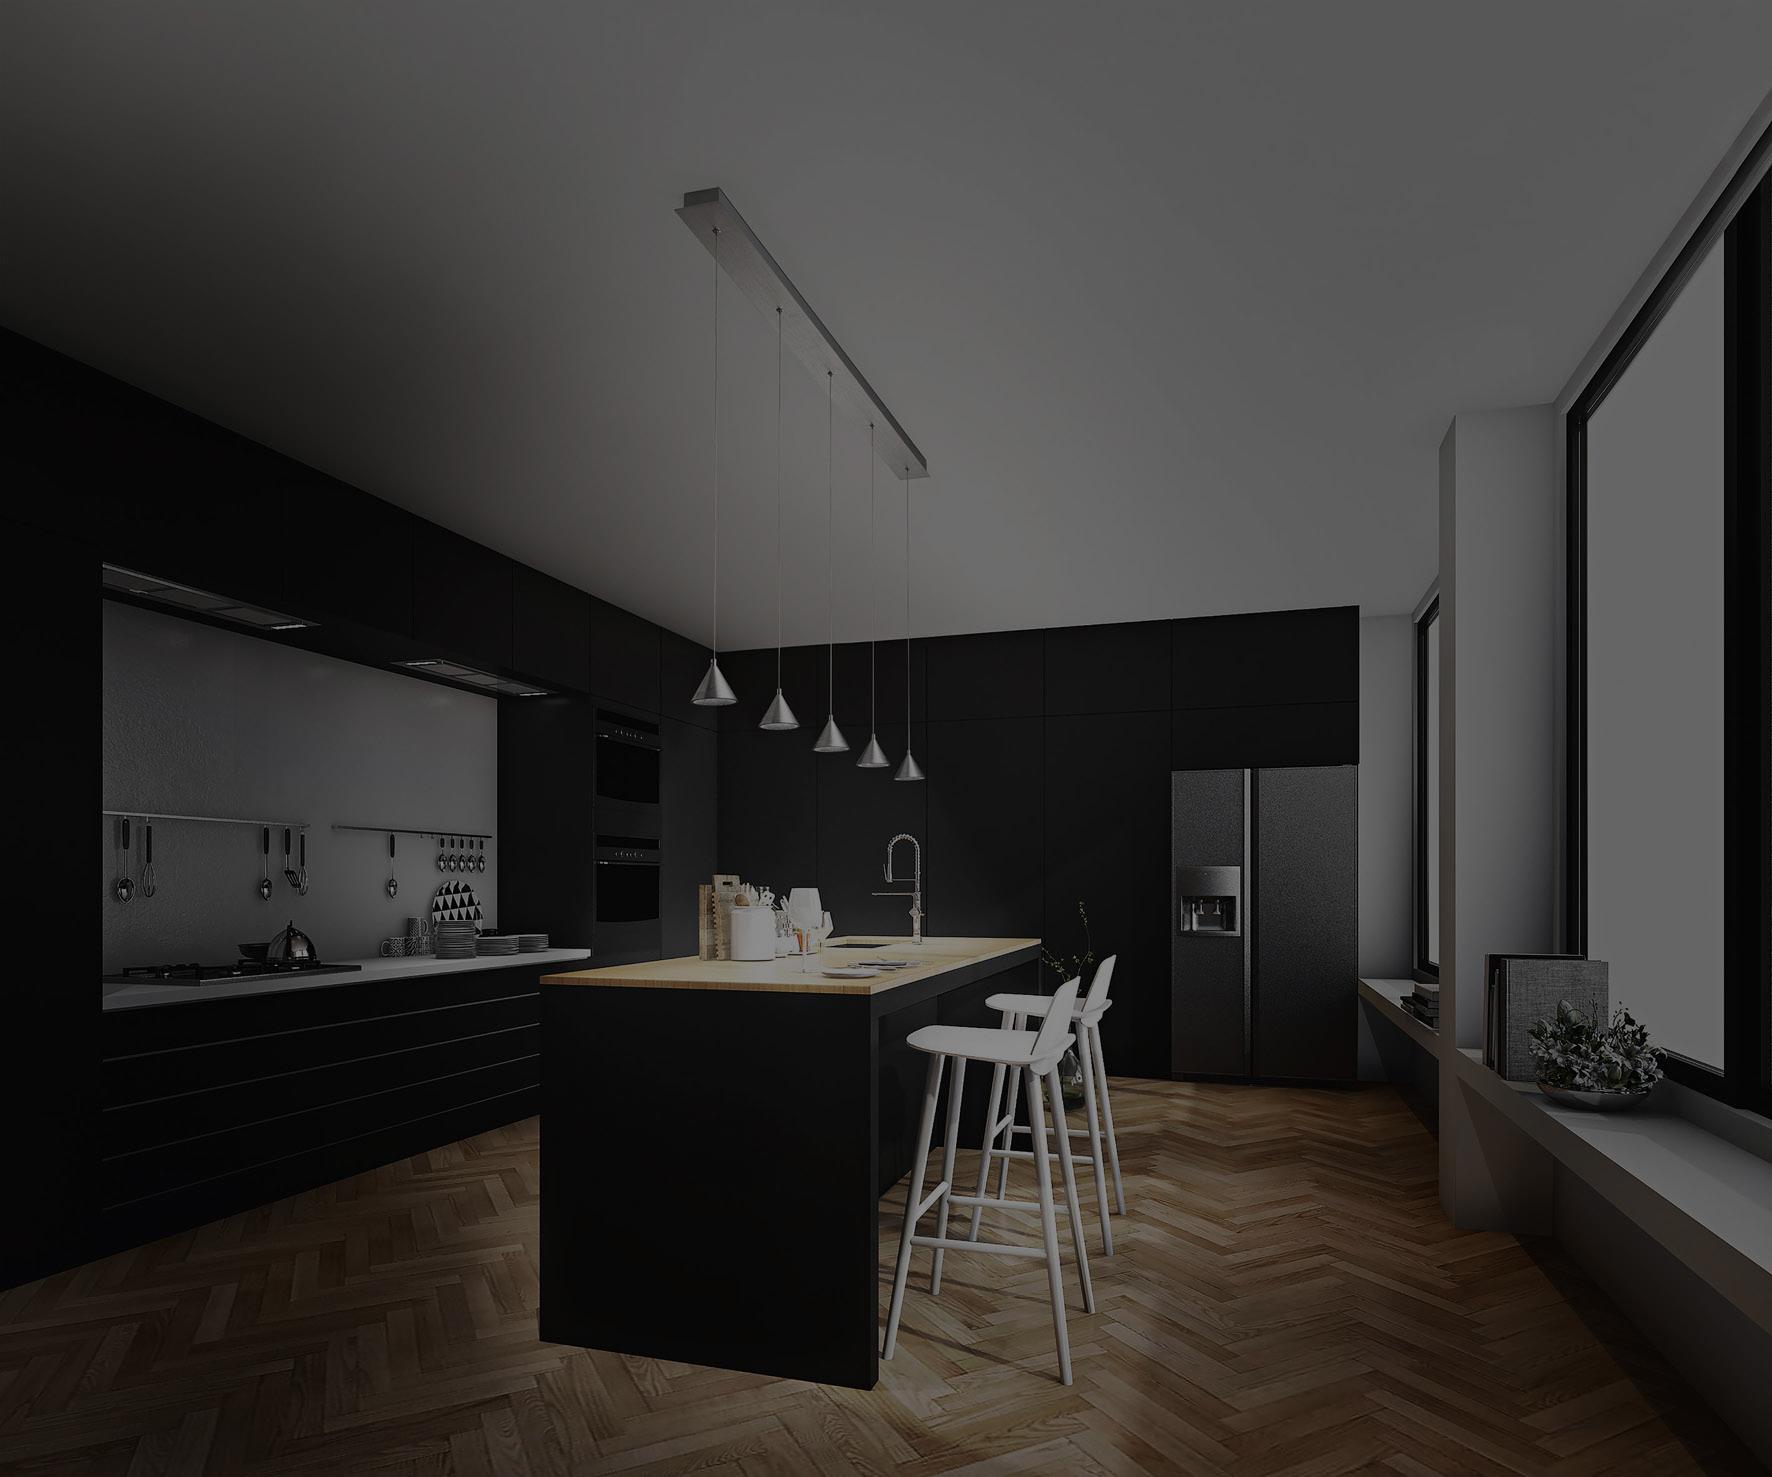 cucina-lampada-a-sospensione-fonda-lampadari